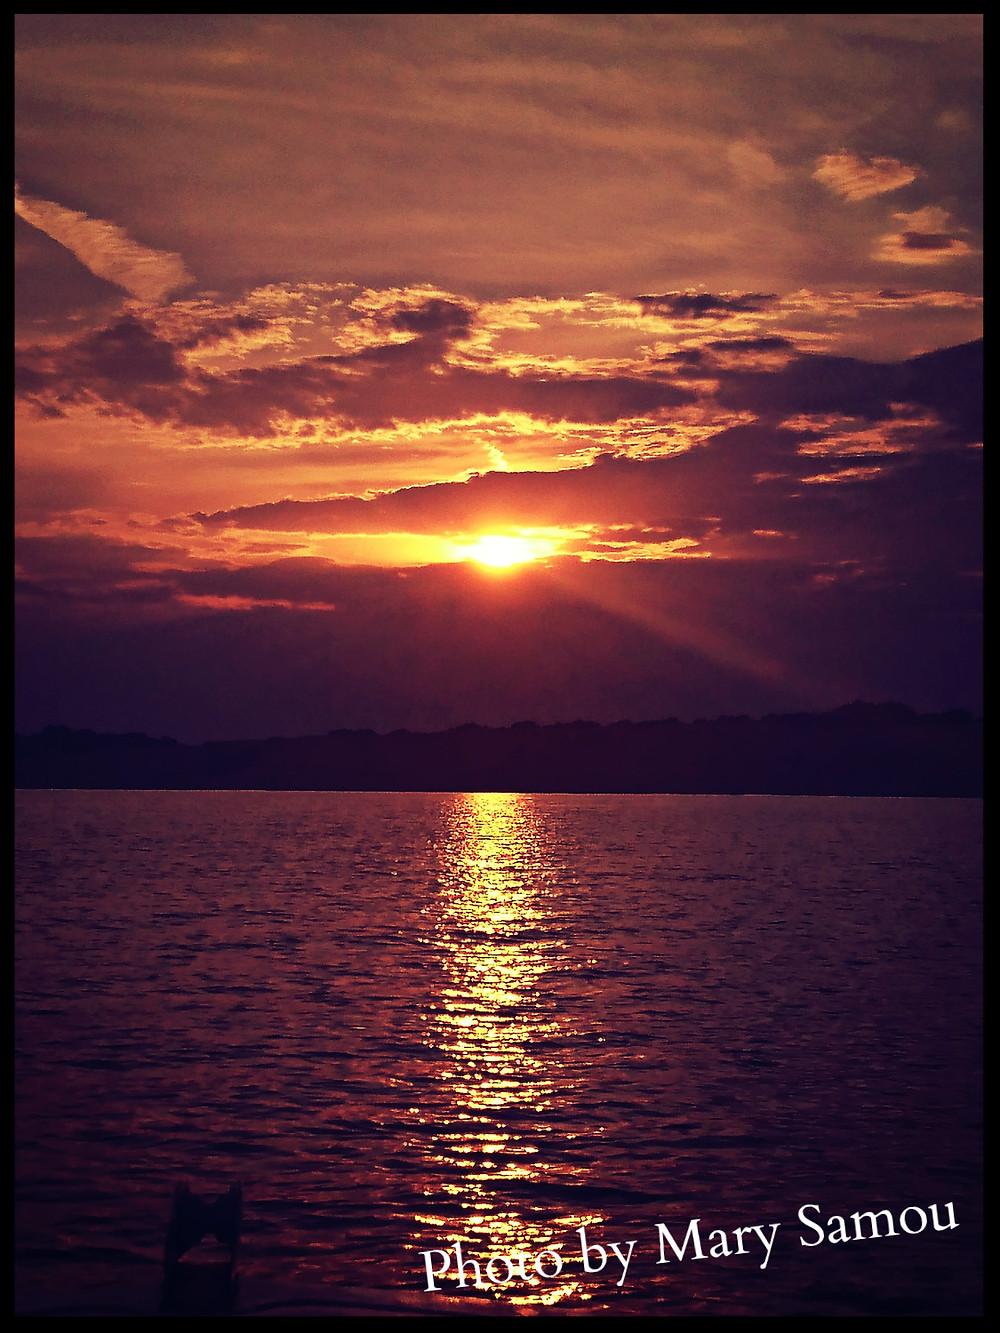 Corfu Sunsets - Photo Credits Mary Samou